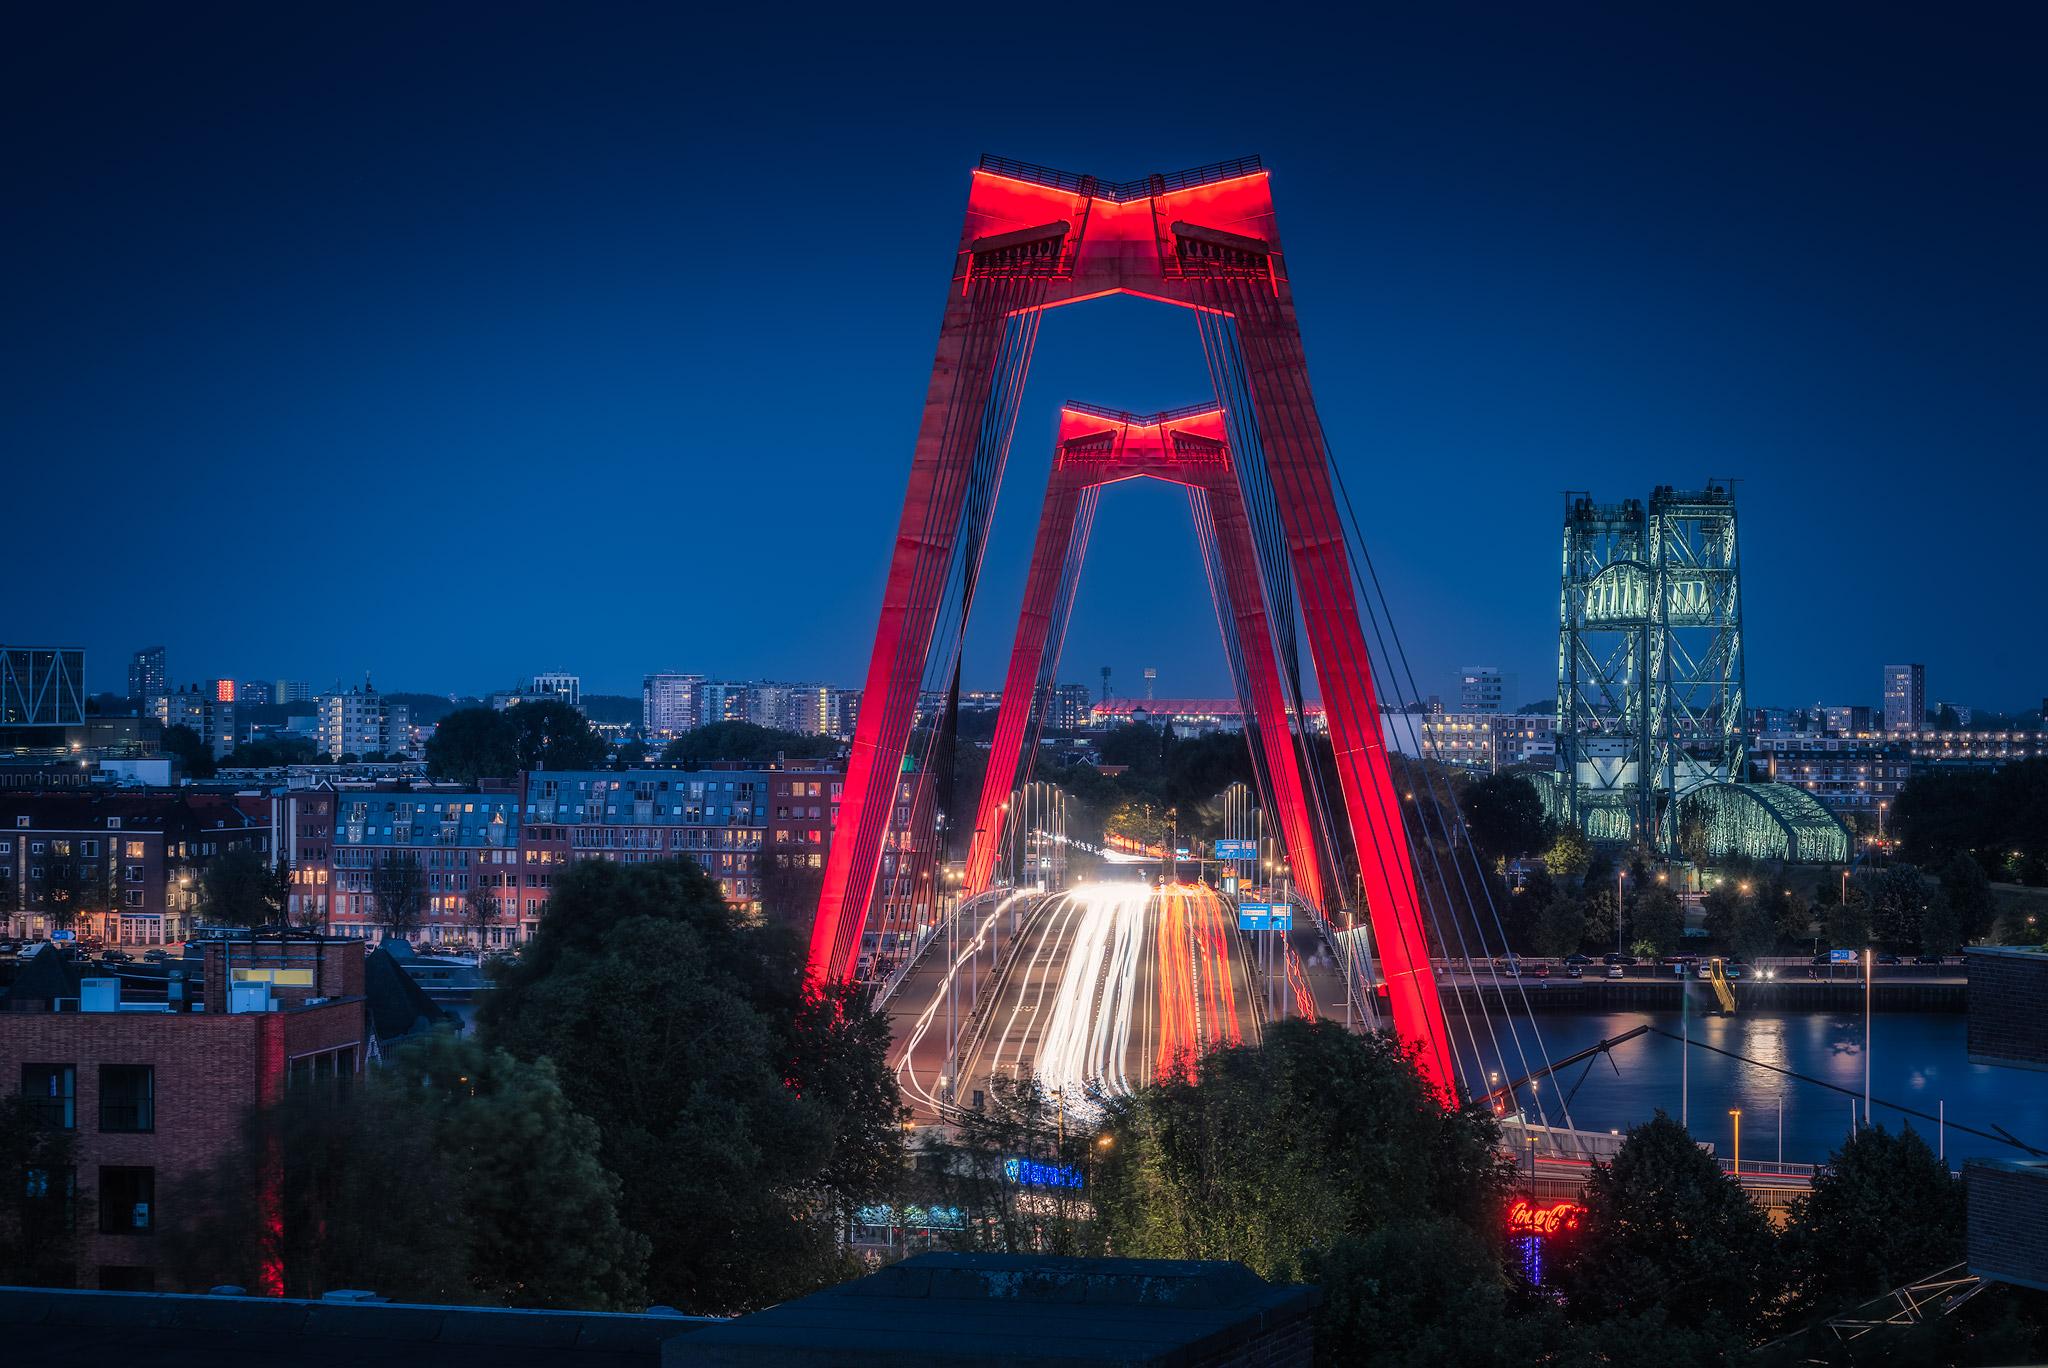 De Willemsbrug en De HEF